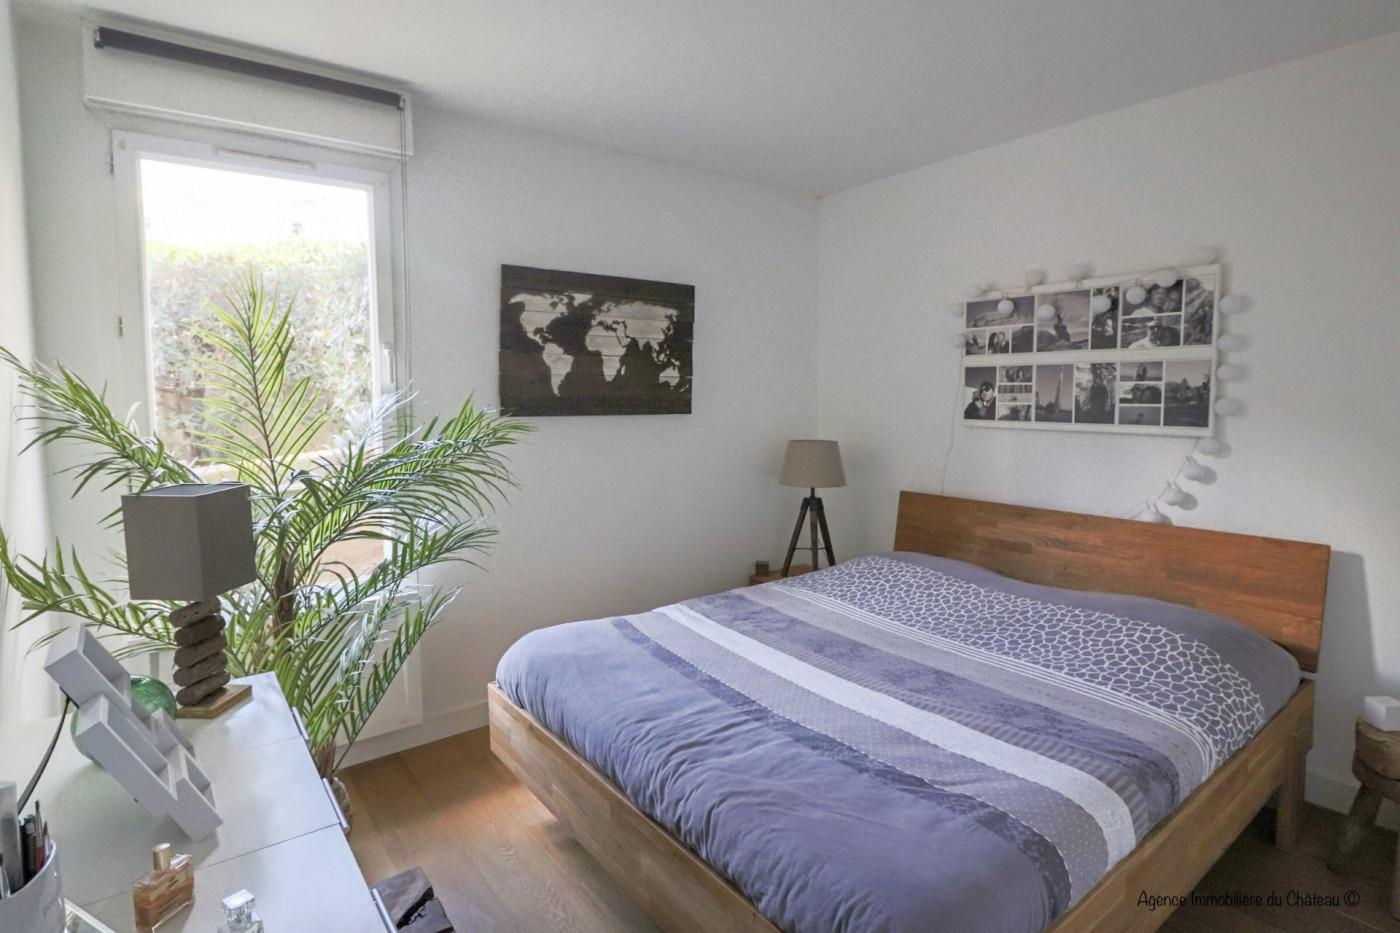 A vendre  Marseille 8ème   Réf 130308 - Agence immobilière du château